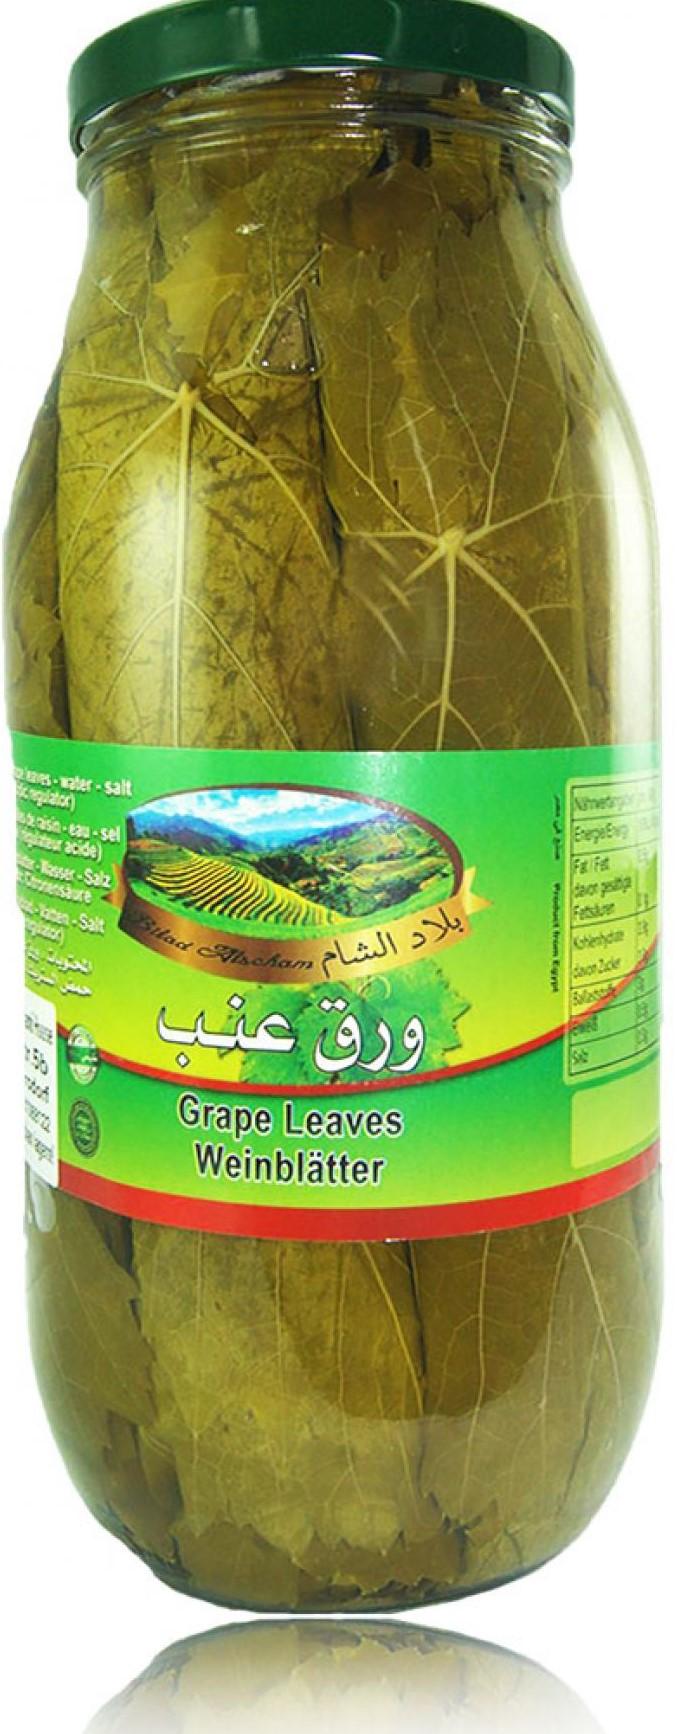 Bilad Alscham Eingelegte Weinblätter 2,8kg كبيس ورق عريش  بلاد الشام